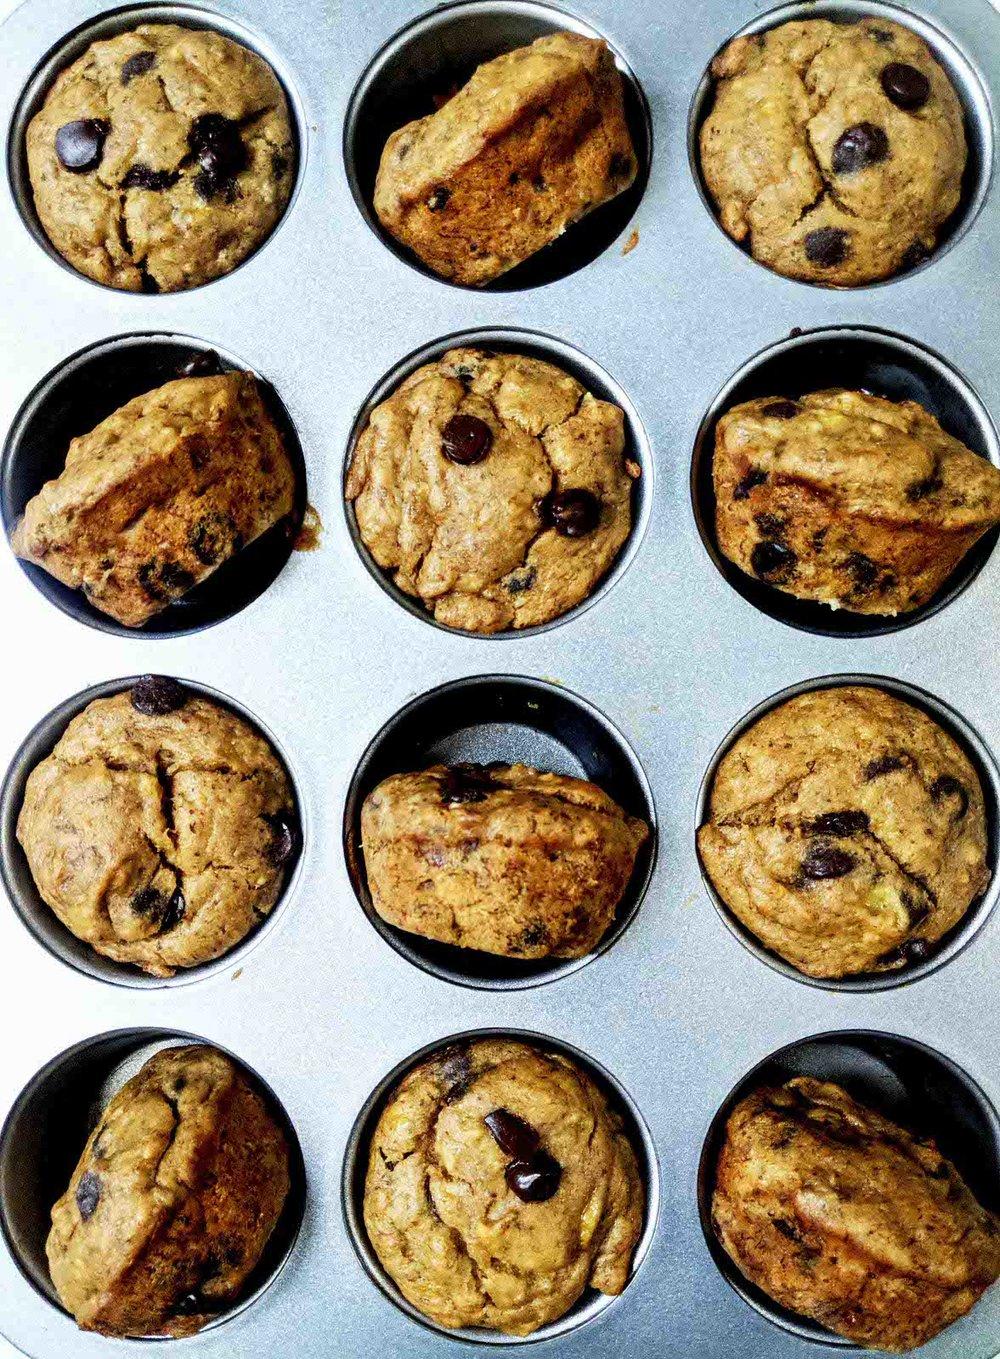 vegan-gluten-free-nut-free-chocolate-chip-banana-muffins.JPG